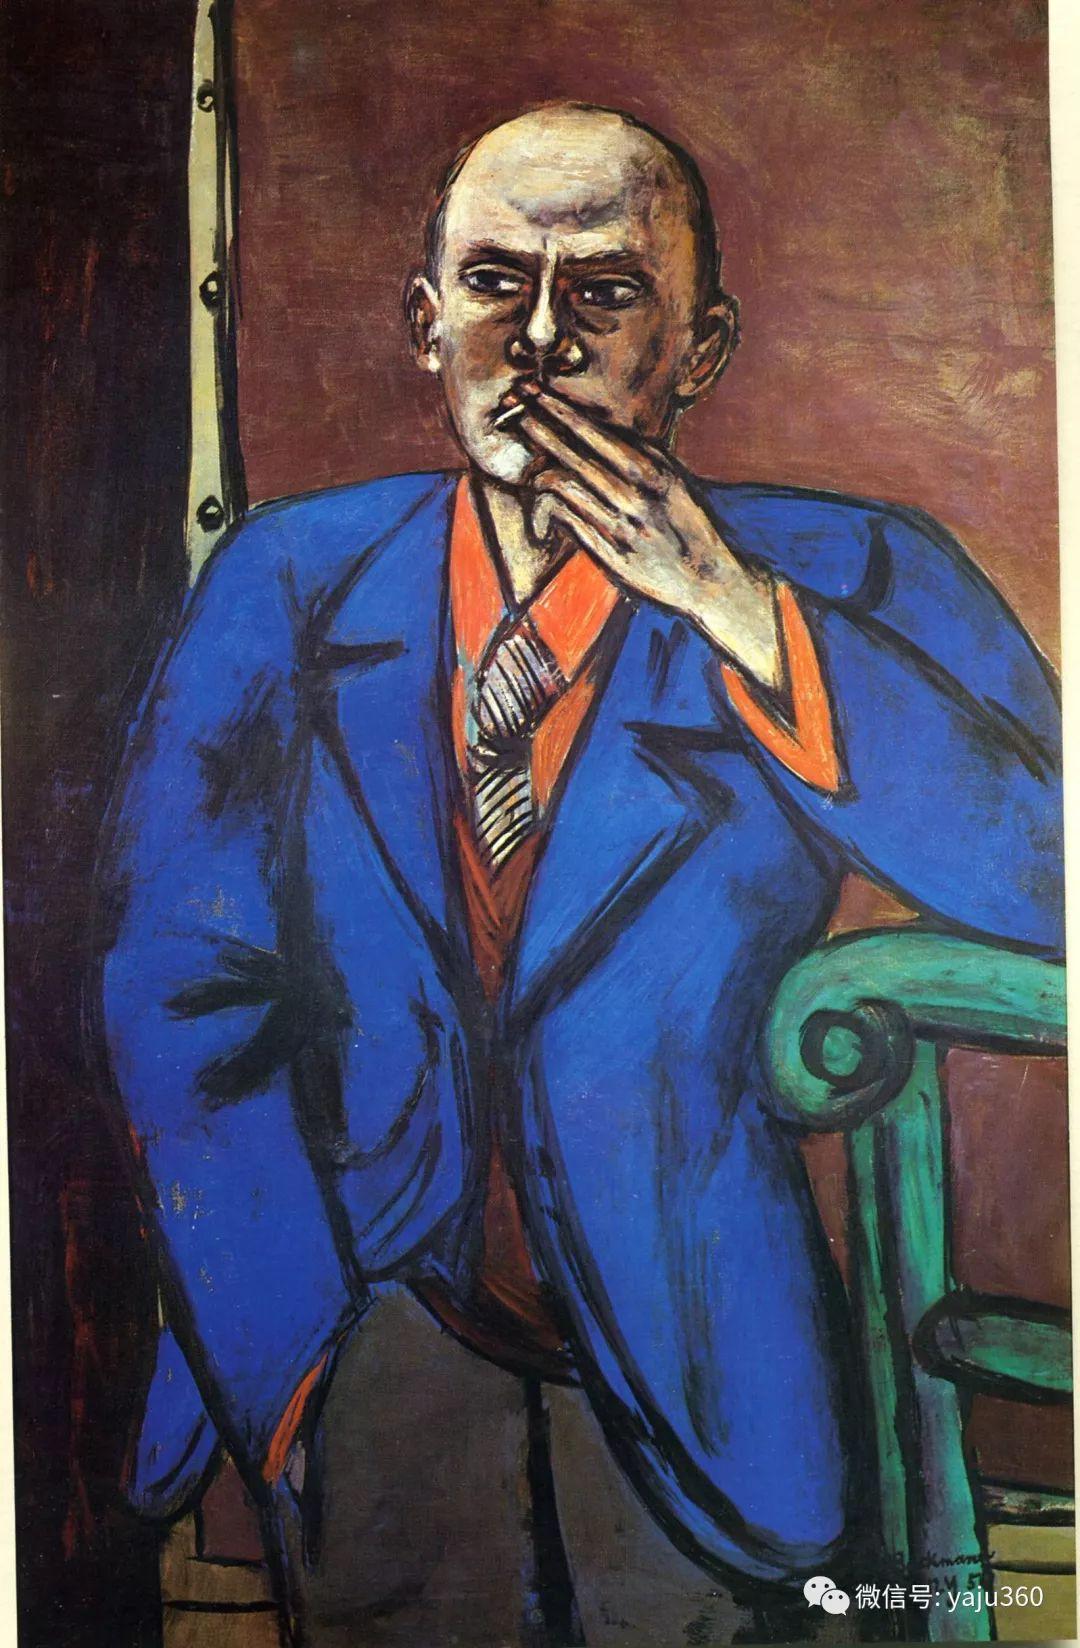 一位不可多得的艺术大师 德国画家Max Beckmann插图65